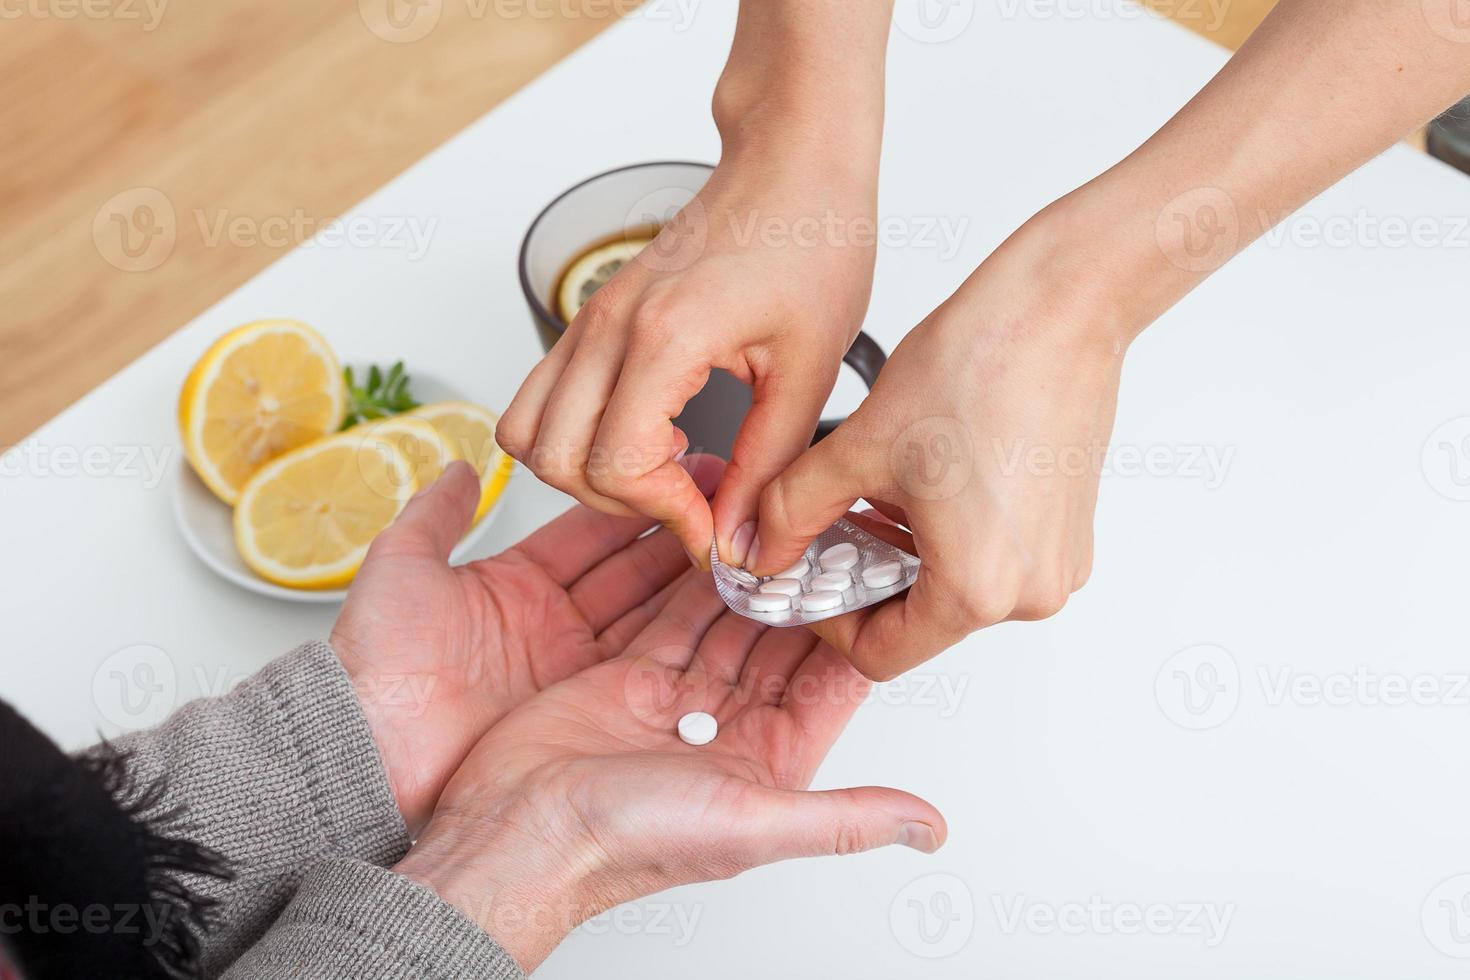 dar medicina a un paciente foto